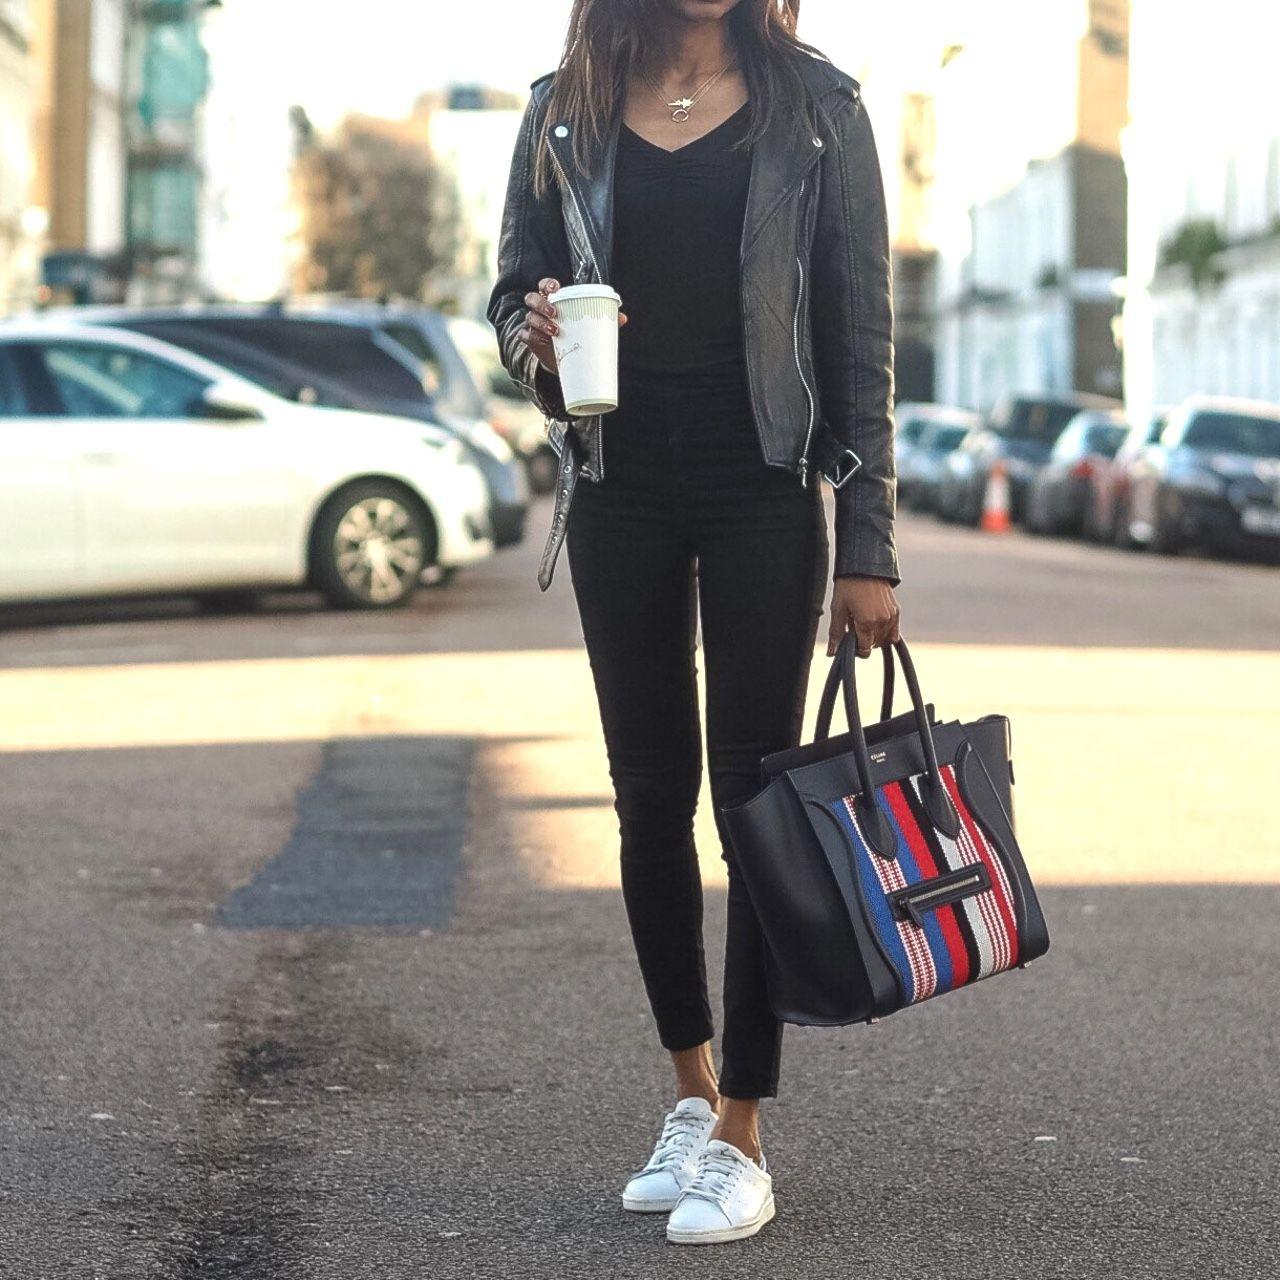 eline-Bag-Review Celine-Tote-Review Céline-micro-luggage Céline-mini ... 86e7314ed6793